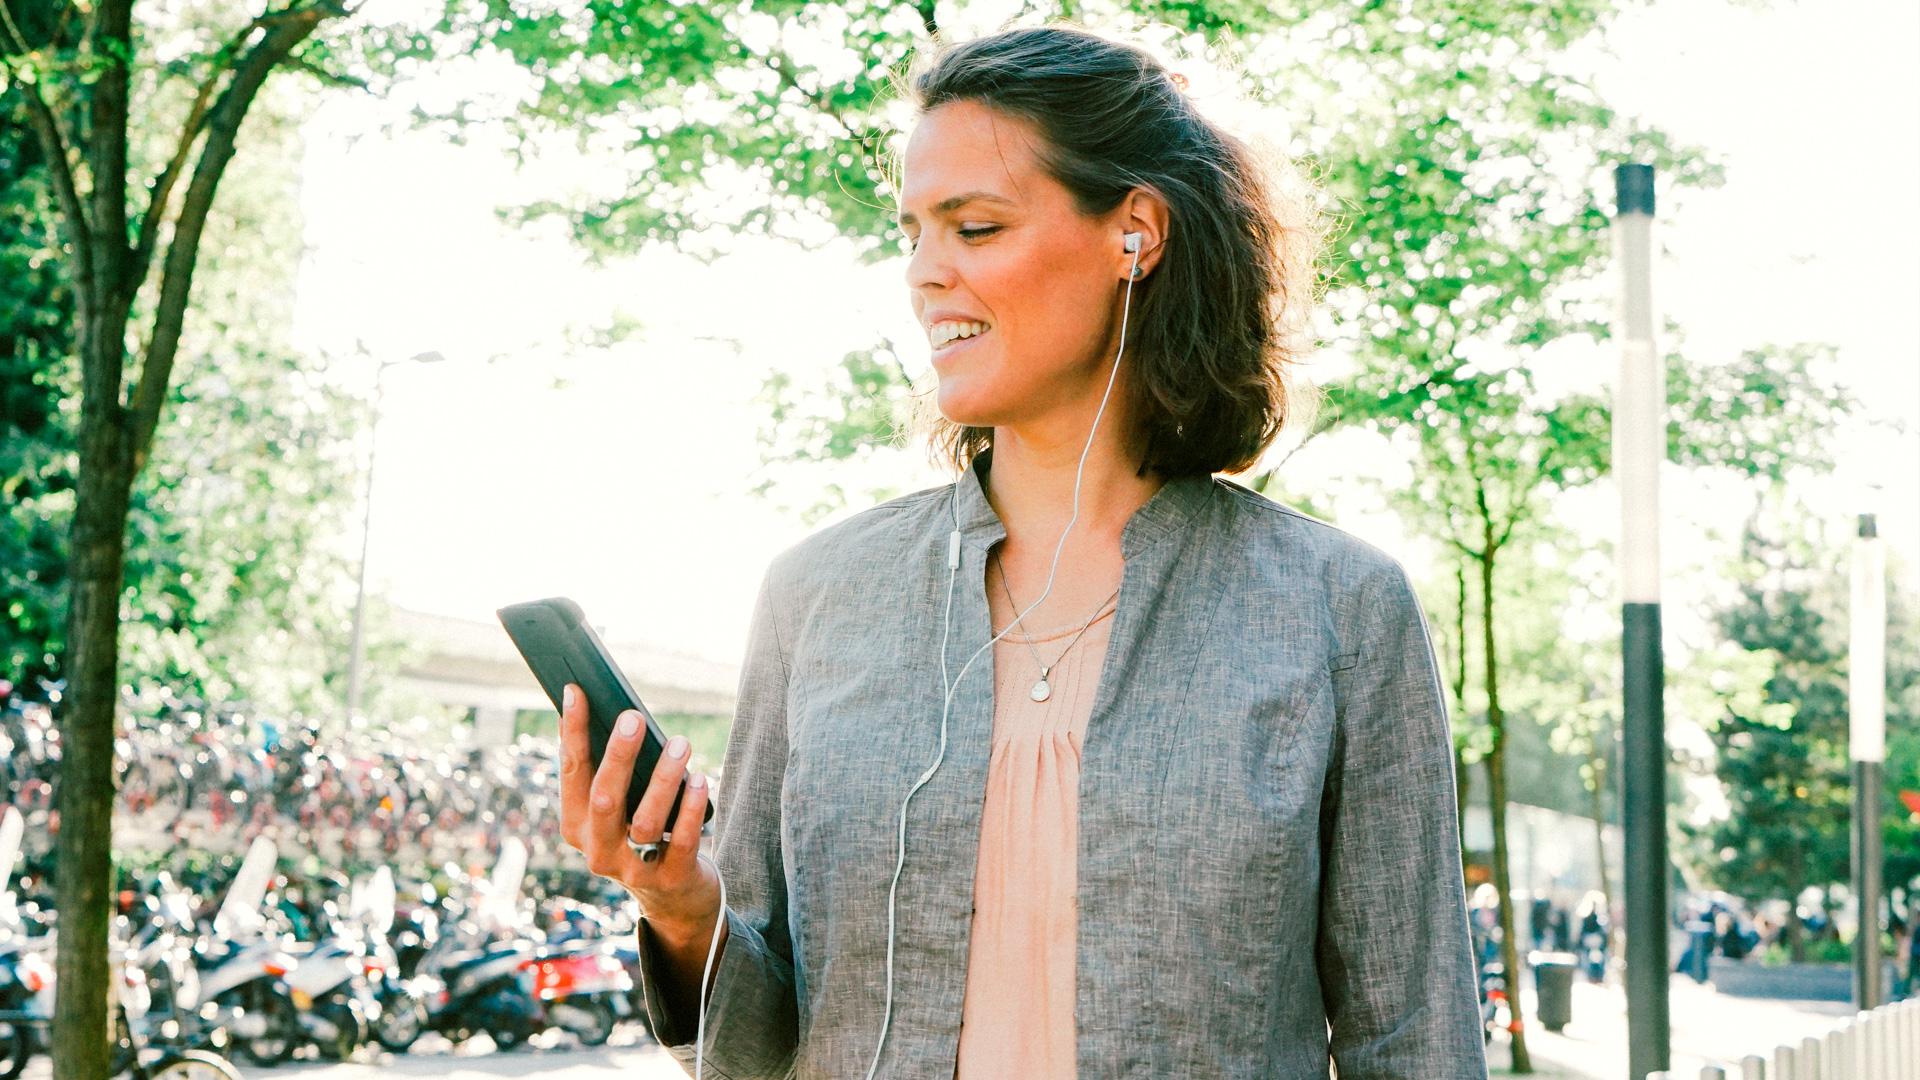 Nainen matkapuhelin kädessään